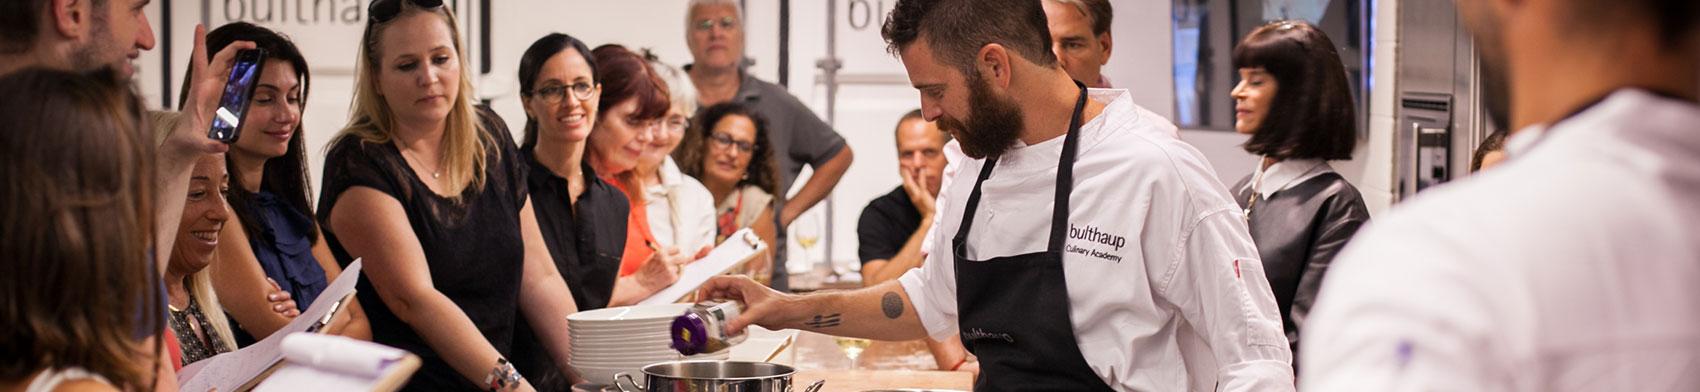 סדנאות בישול באקדמיה הקולינרית של בולטהאופ